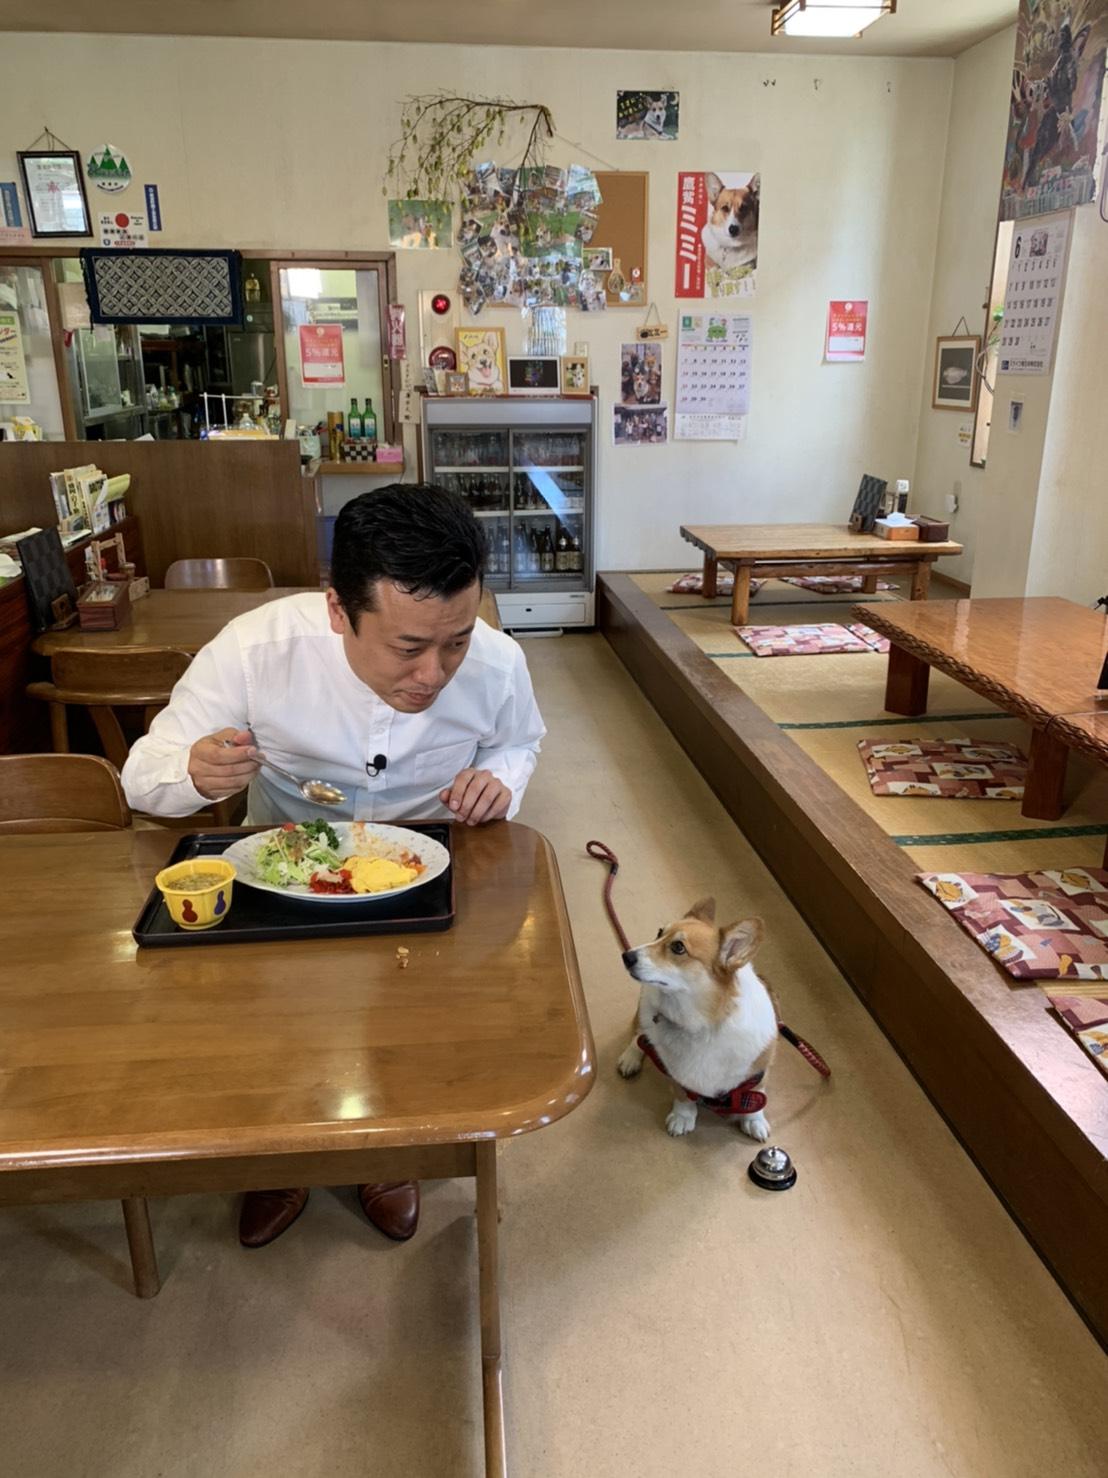 テレビ岩手 5きげんテレビで藤屋食堂が紹介されます!!                  ミミー🐶も出演しますよ✨✨